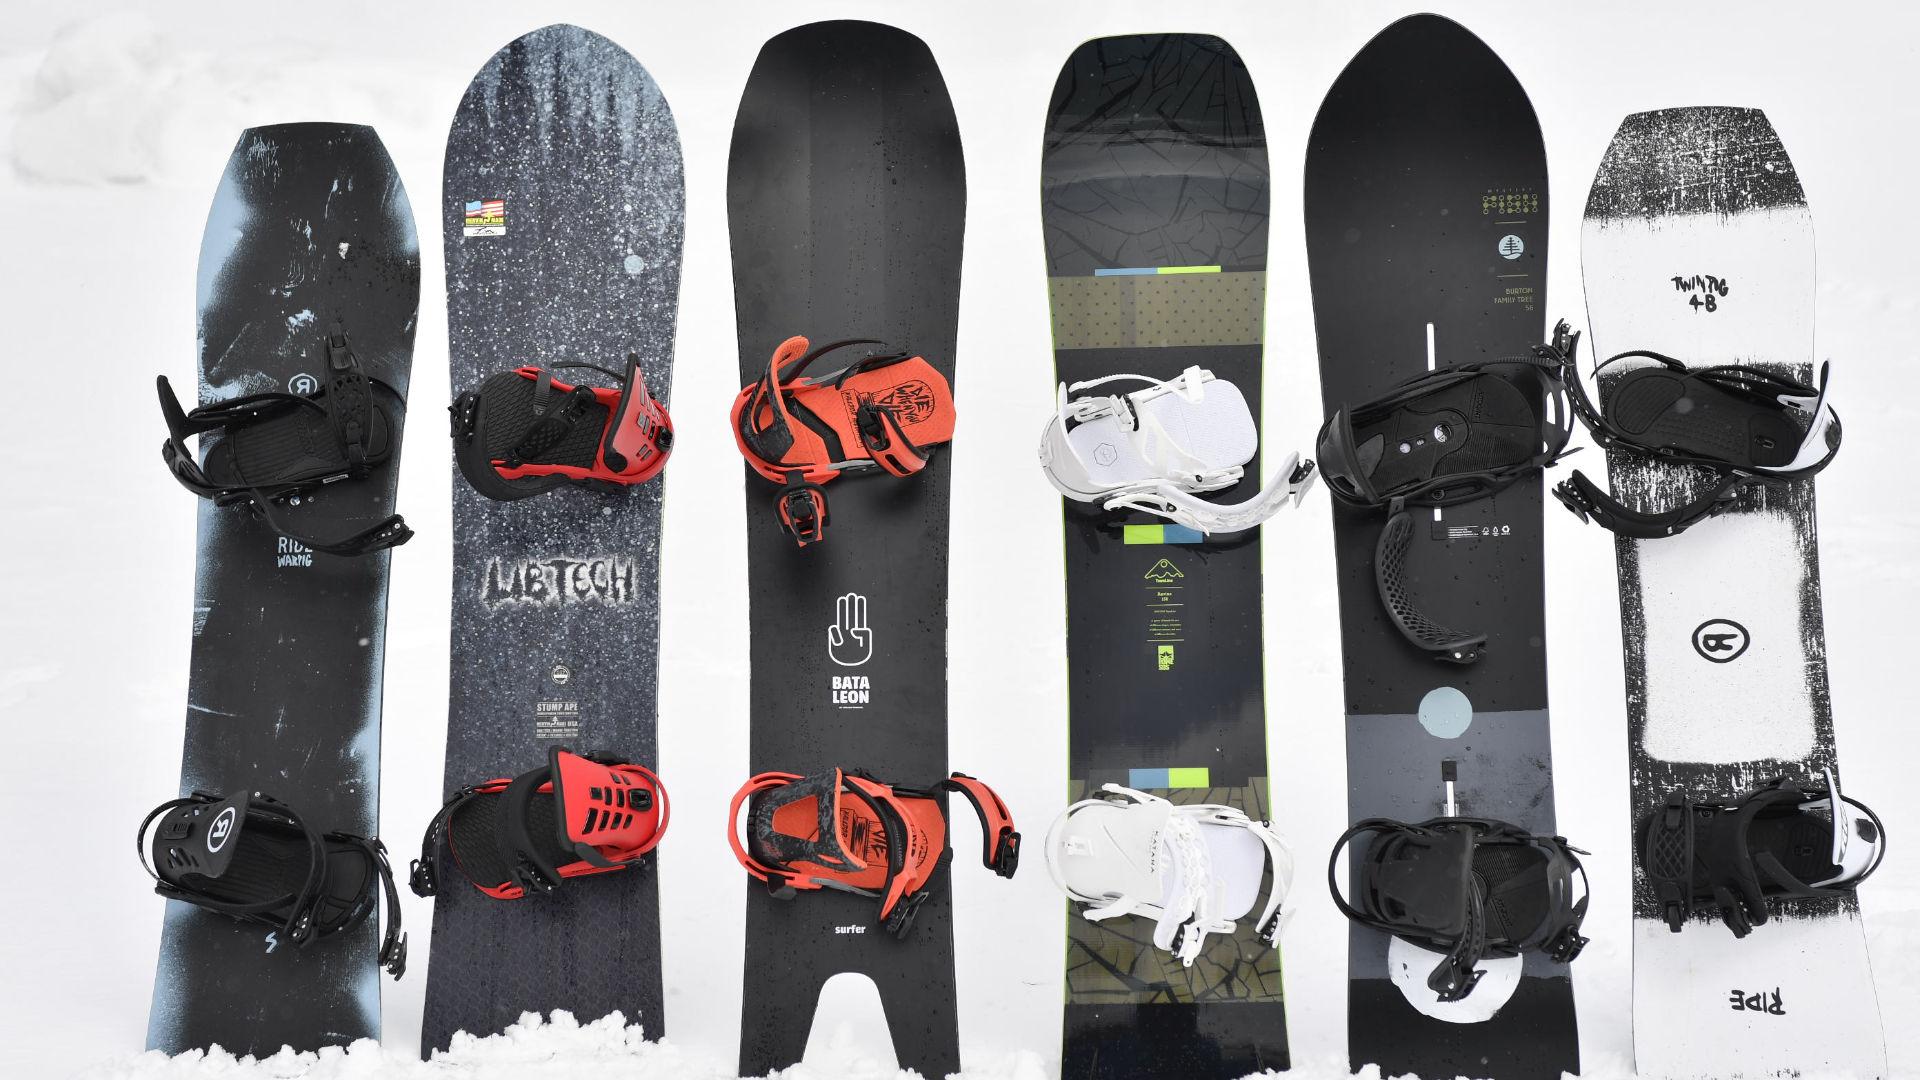 Snowboards von Ride, Lib Tech, Bataleon, Rome und Burton